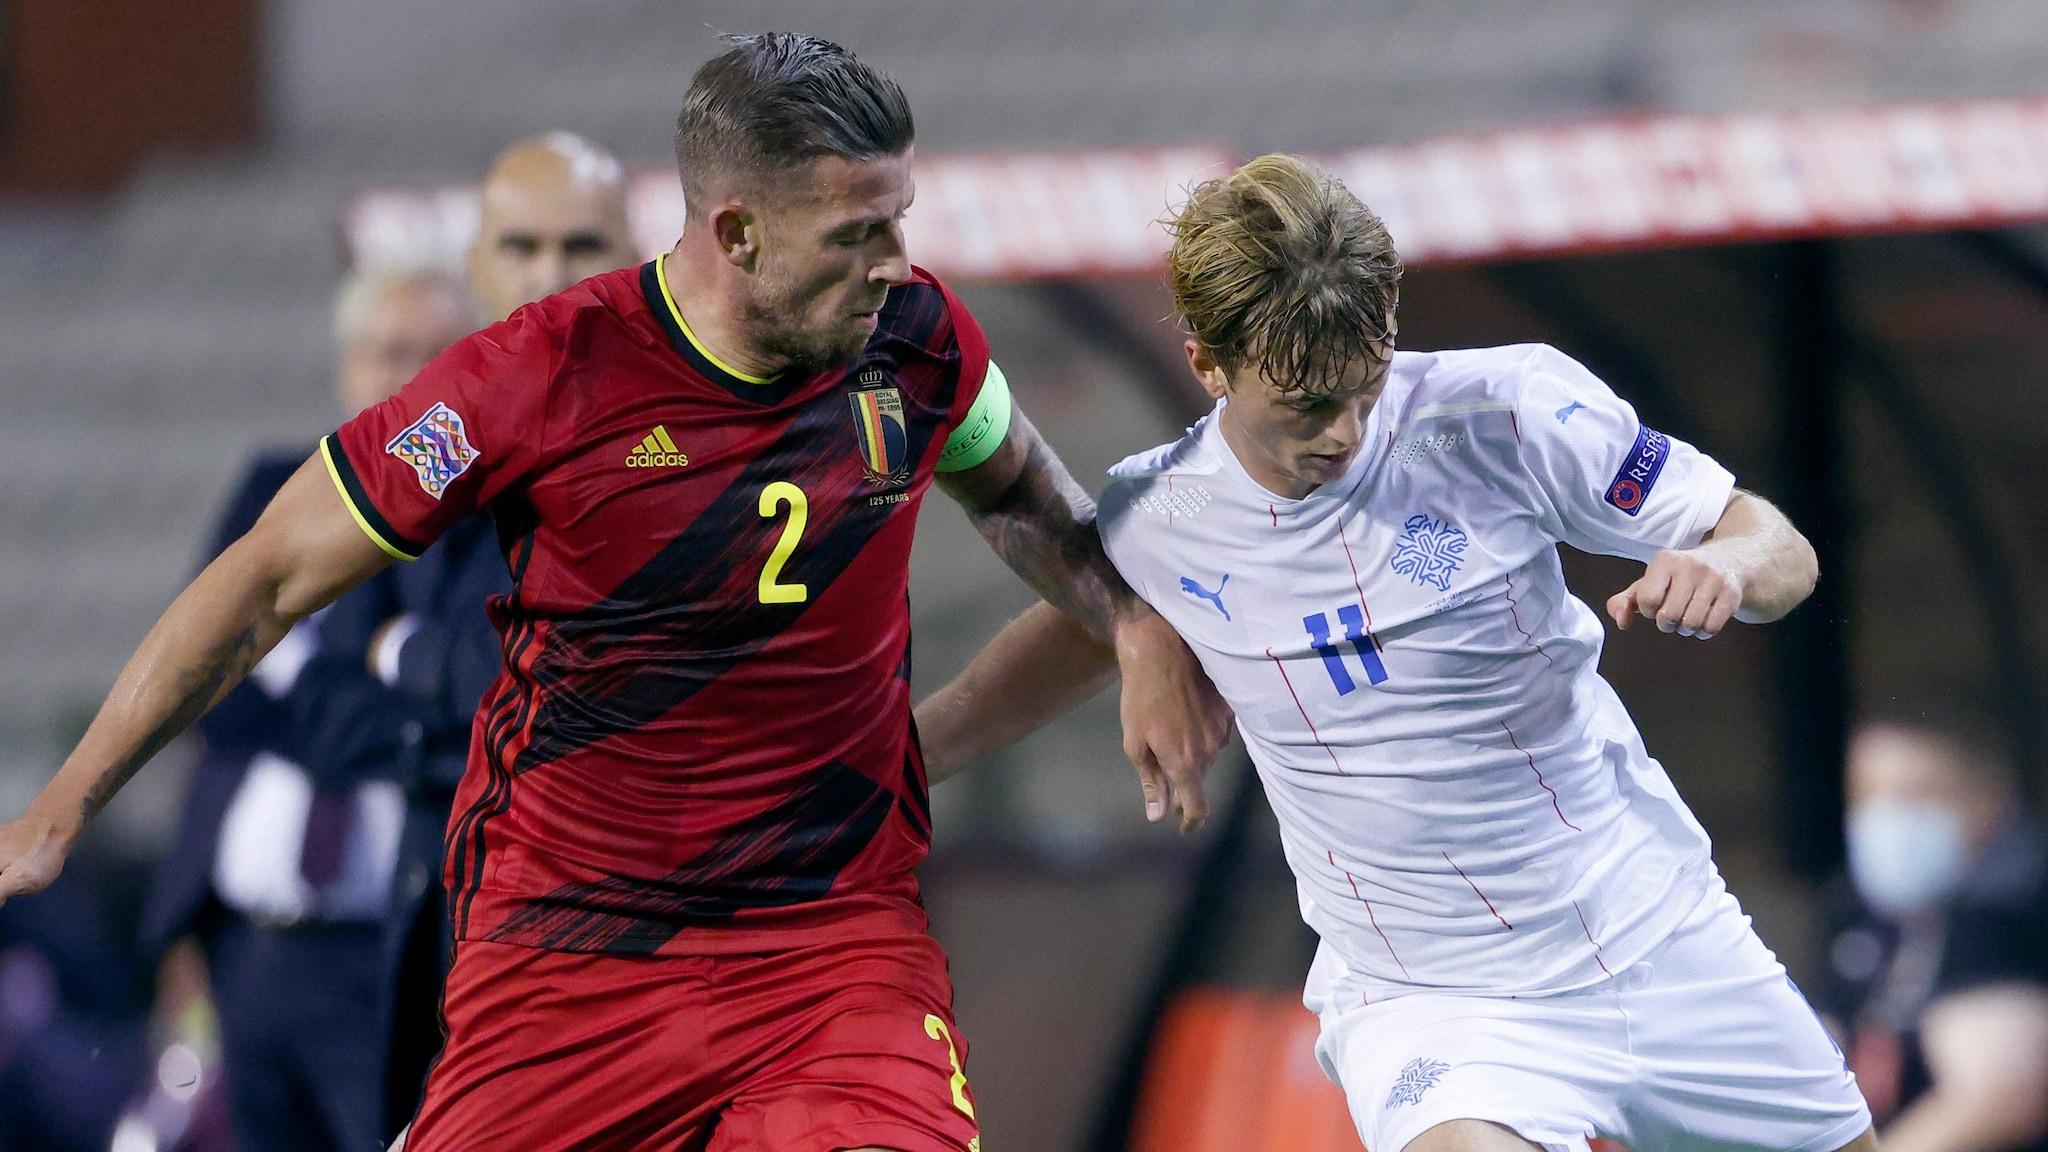 پیش نمایش ایسلند در مقابل بلژیک پیش نمایش ایسلند در مقابل بلژیک